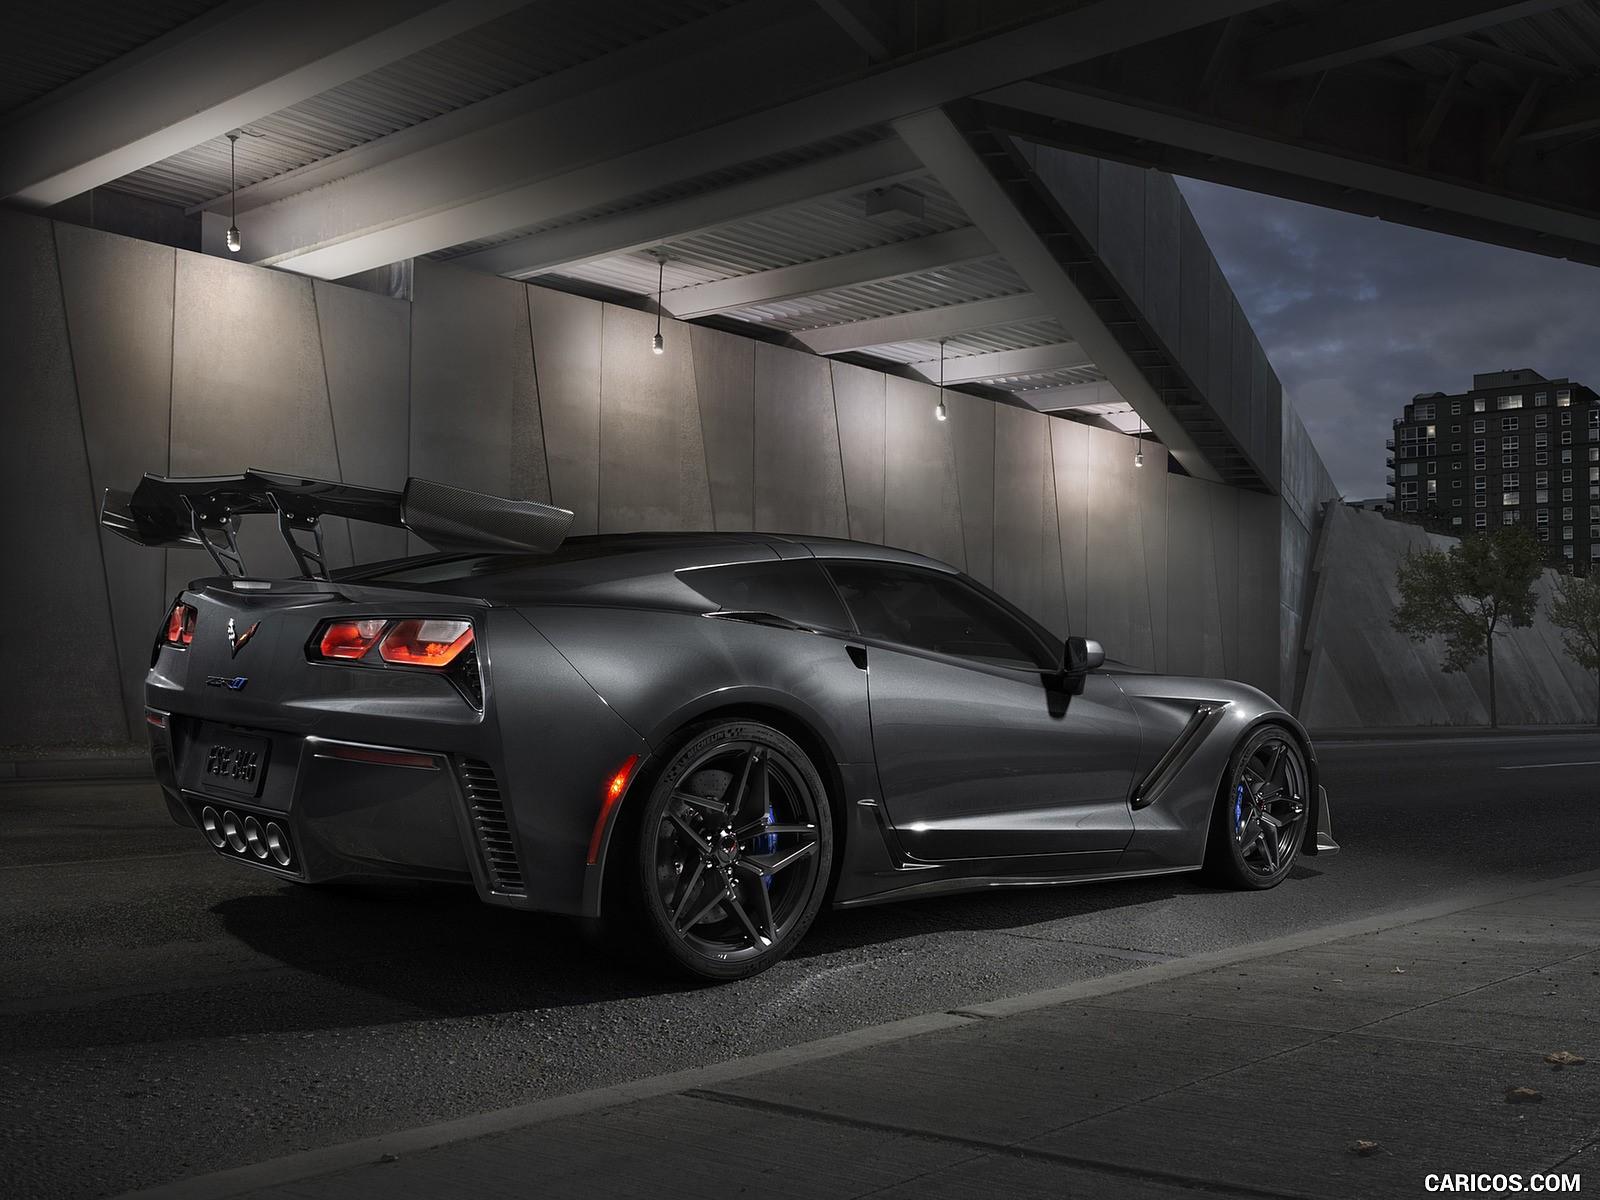 2019 Chevrolet Corvette ZR1 foto